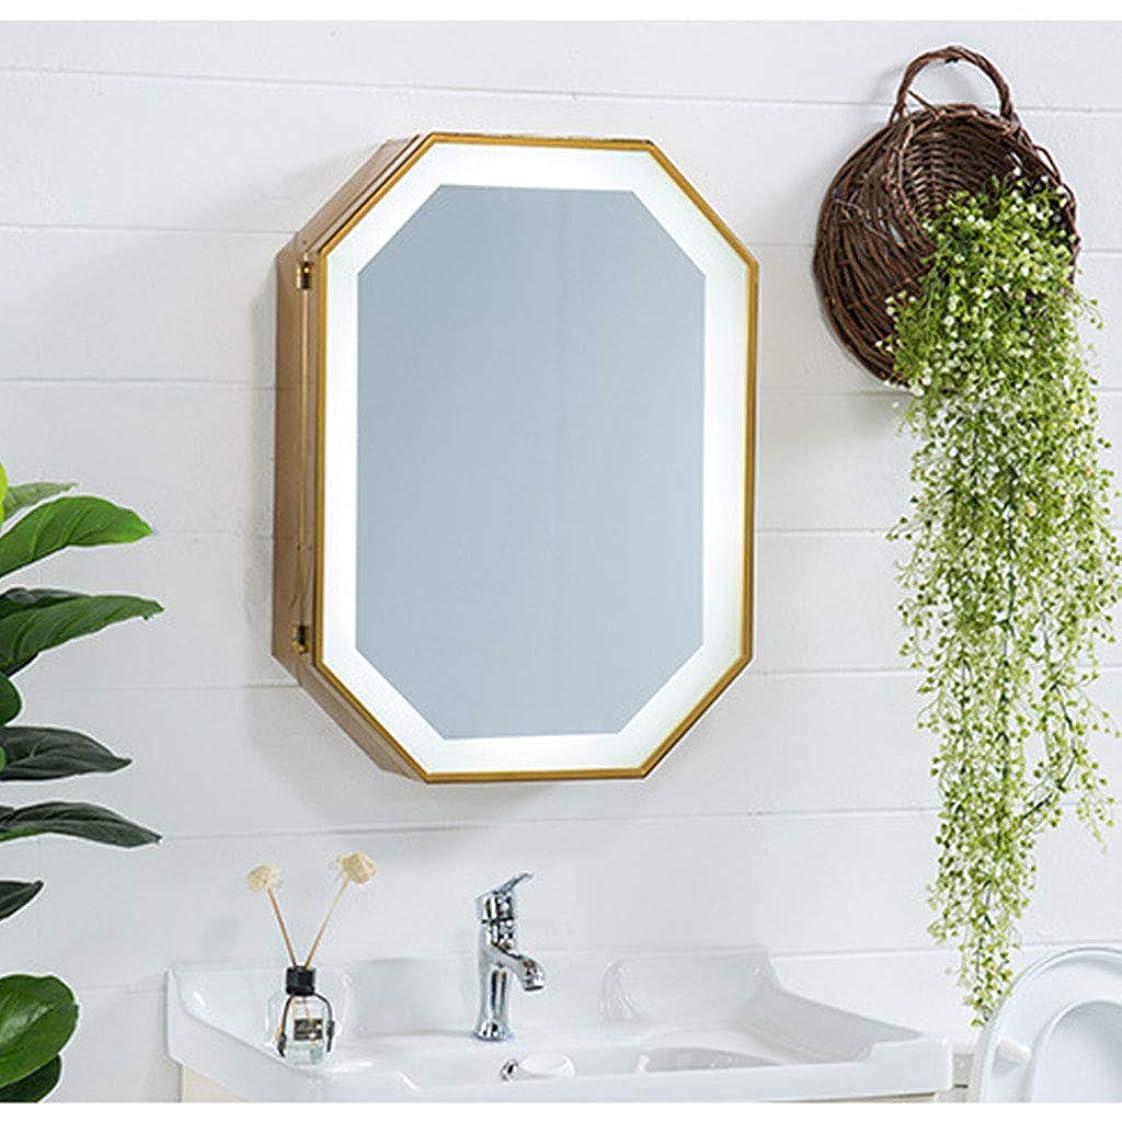 町政治家のおじさん現代浴室用キャビネットミラー、壁収納キャビネット八角形ミラー、浴室用ミラーキャビネット収納キャビネットウッドカラー